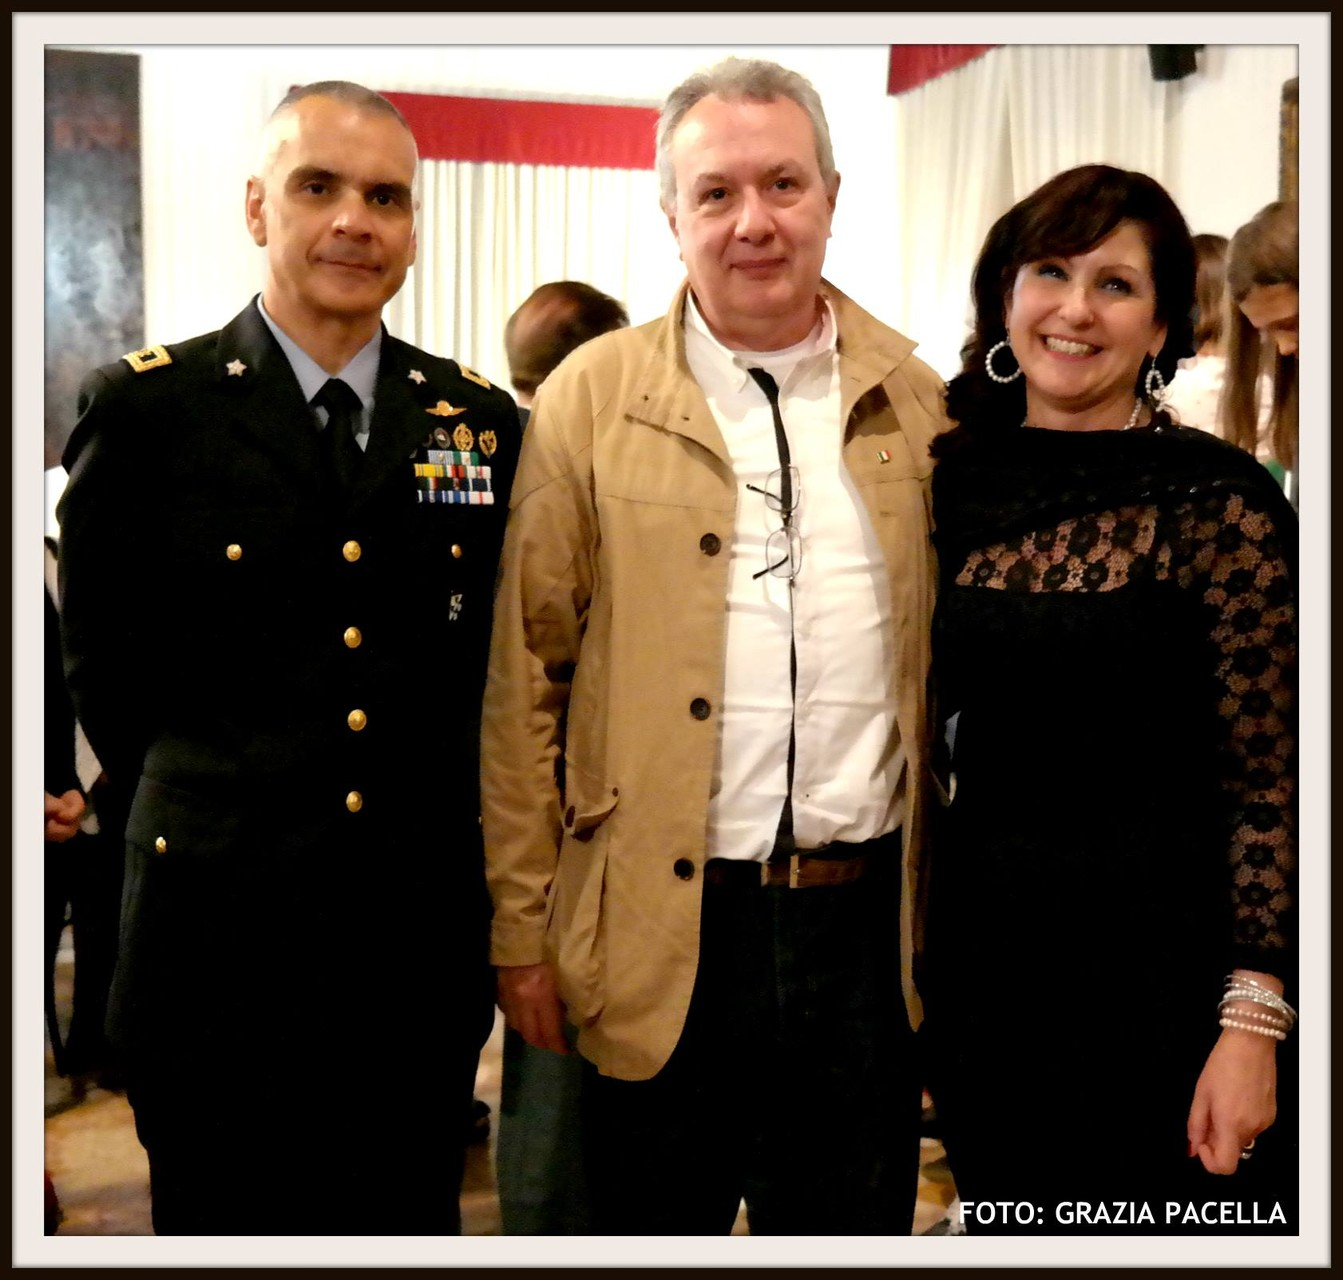 Il regista Mauro Vittorio Quattrina con la Dott.ssa Anna Lisa Tiberio e il Comandante del 3° Stormo dell'Aeronautica Militare di Villafranca Col. Massimo Cicerone